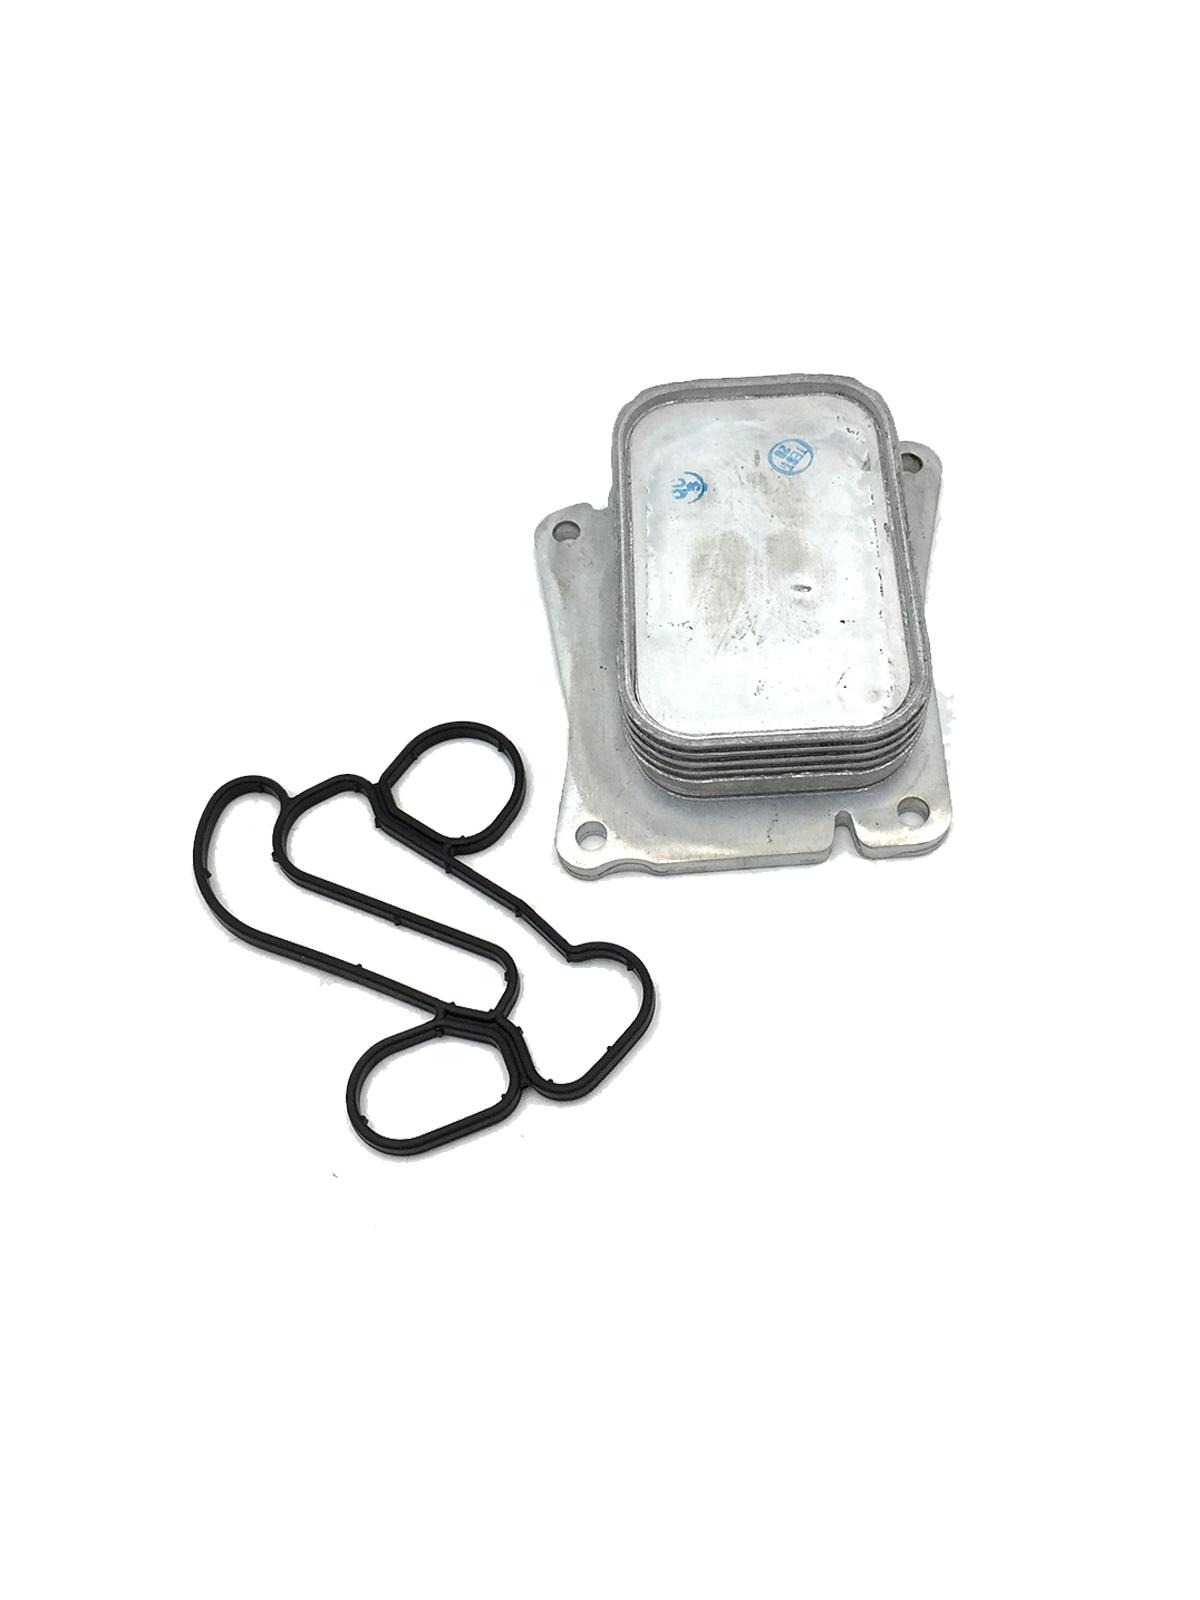 Trocador de Calor (Radiador) 2711880401 - Mercedes Benz